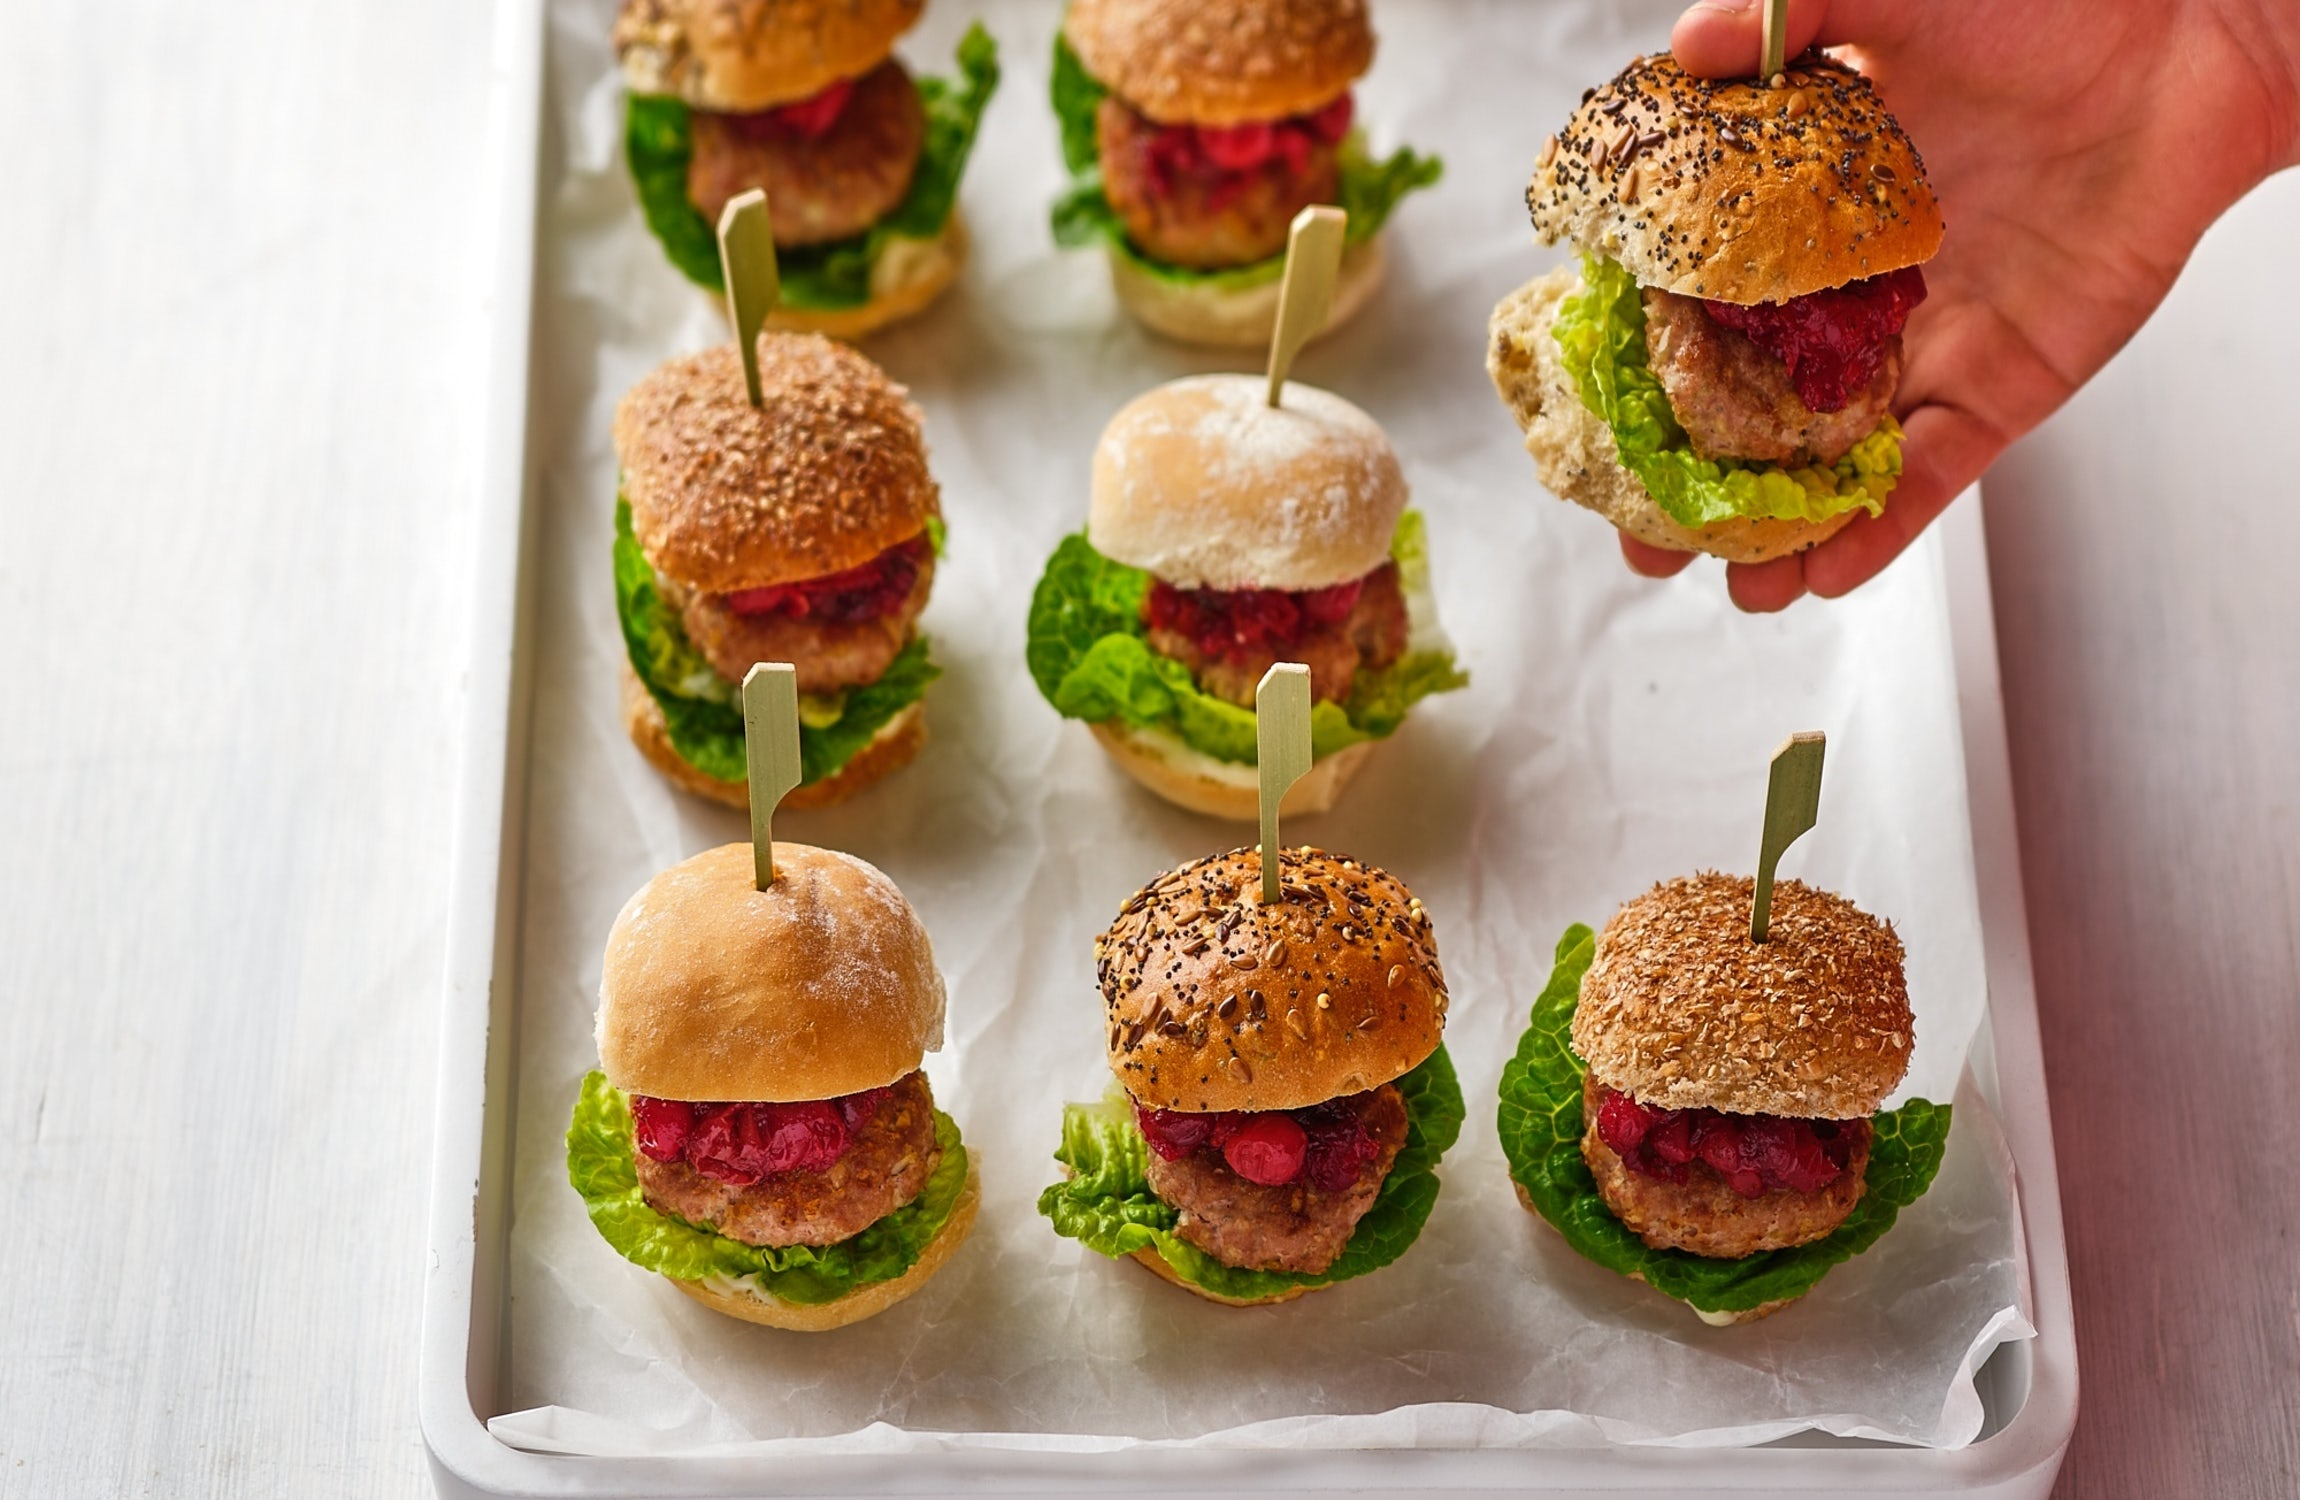 Tiny Turkey Burgers with Cranberry & Pecan Sauce